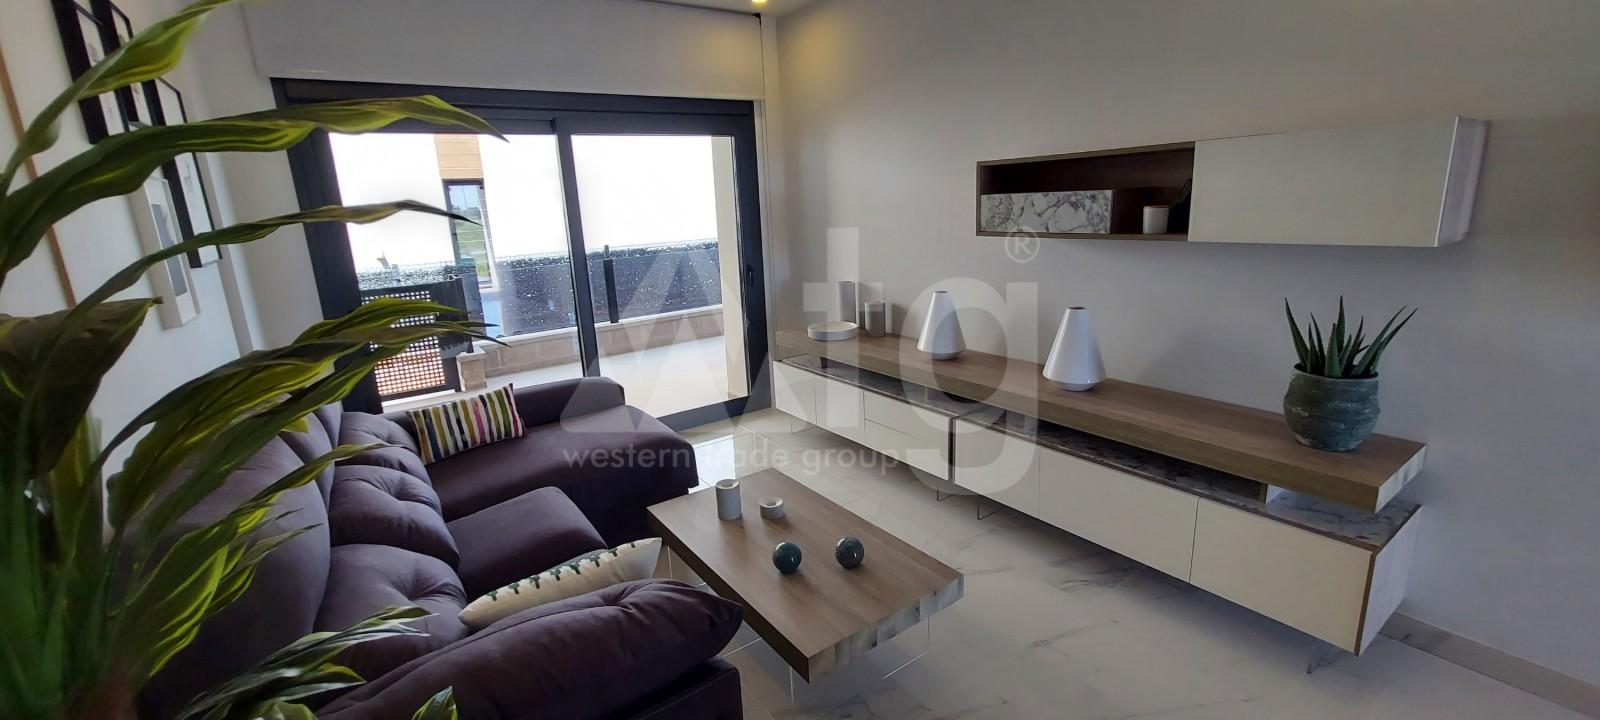 Apartament w Guardamar del Segura, 2 sypialnie  - DI6350 - 6